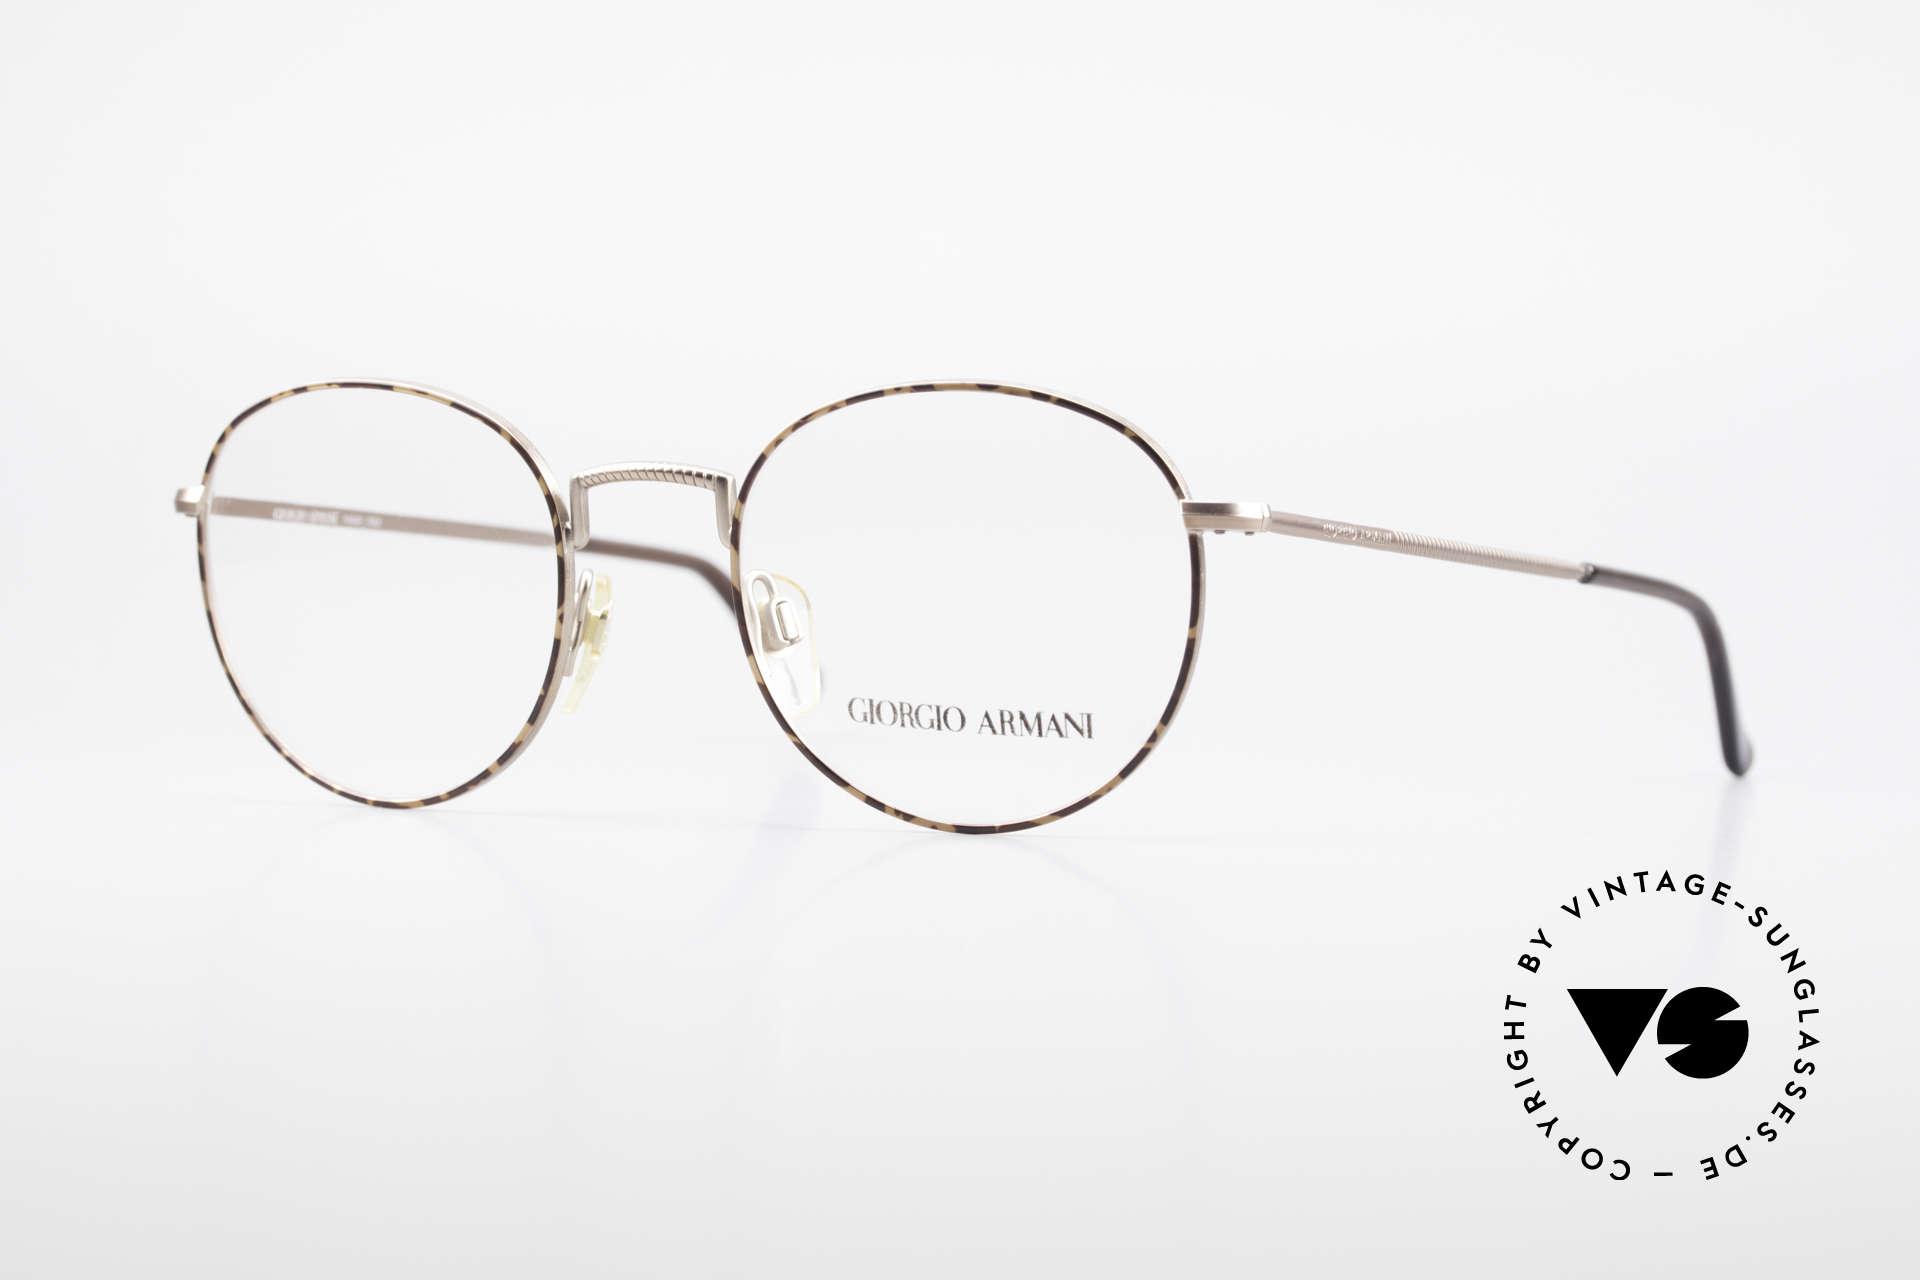 Giorgio Armani 231 80's Panto Frame No Retro, panto GIORGIO ARMANI vintage designer eyeglasses, Made for Men